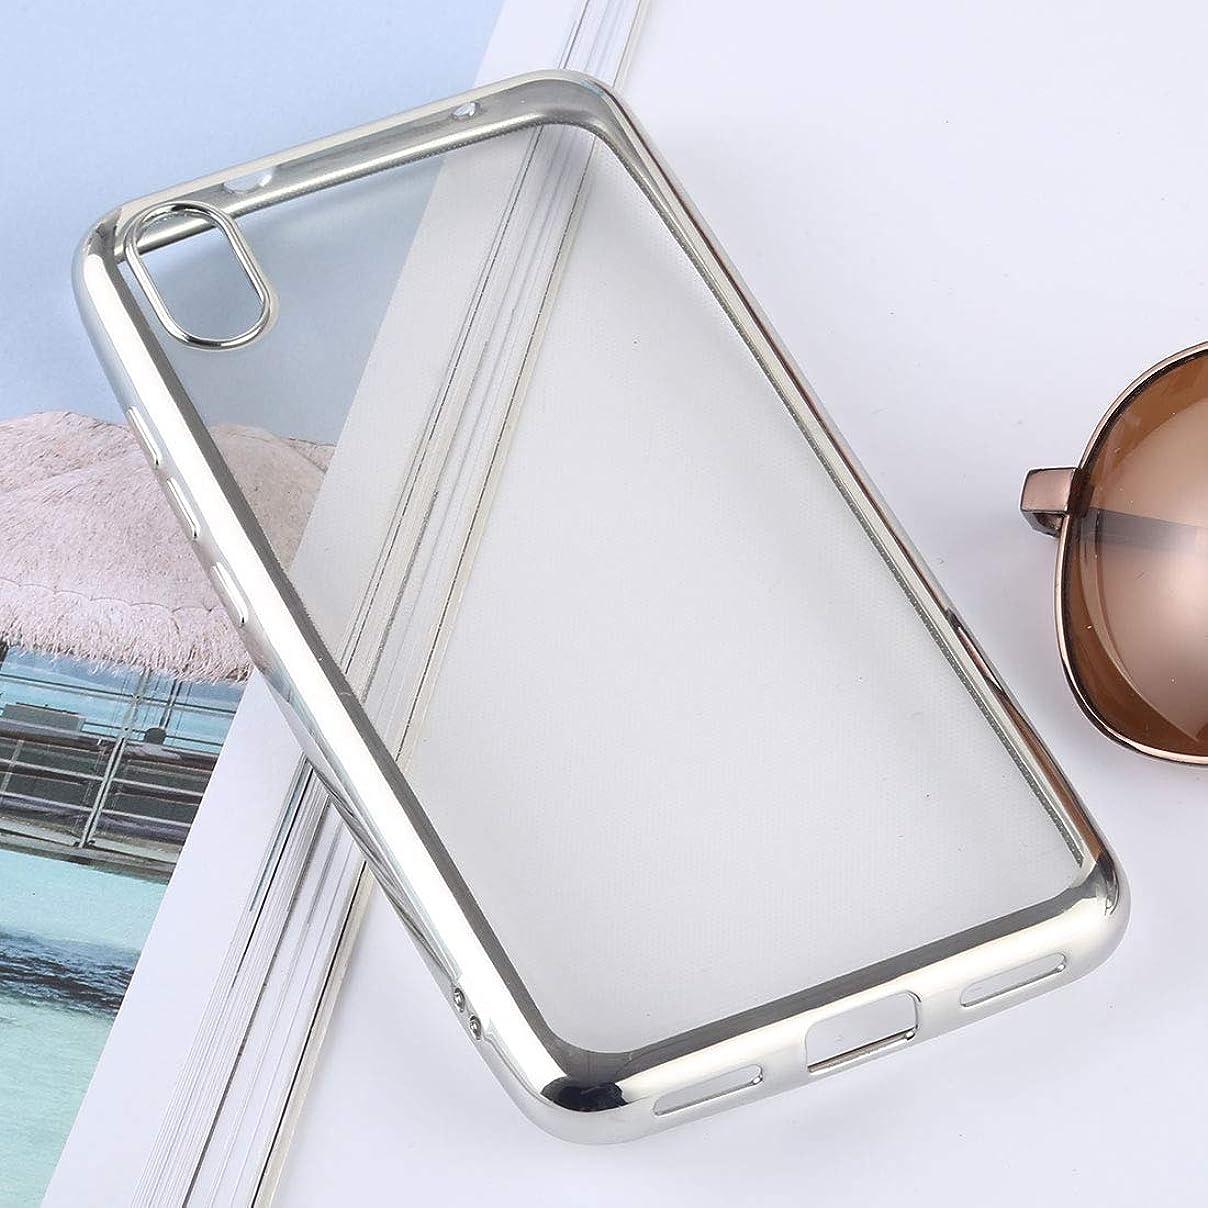 精度強調するいま小米科技Redmi 7Aのための超薄型電気めっきソフトTPU保護バックカバーケース brand:TONWIN (Color : Silver)